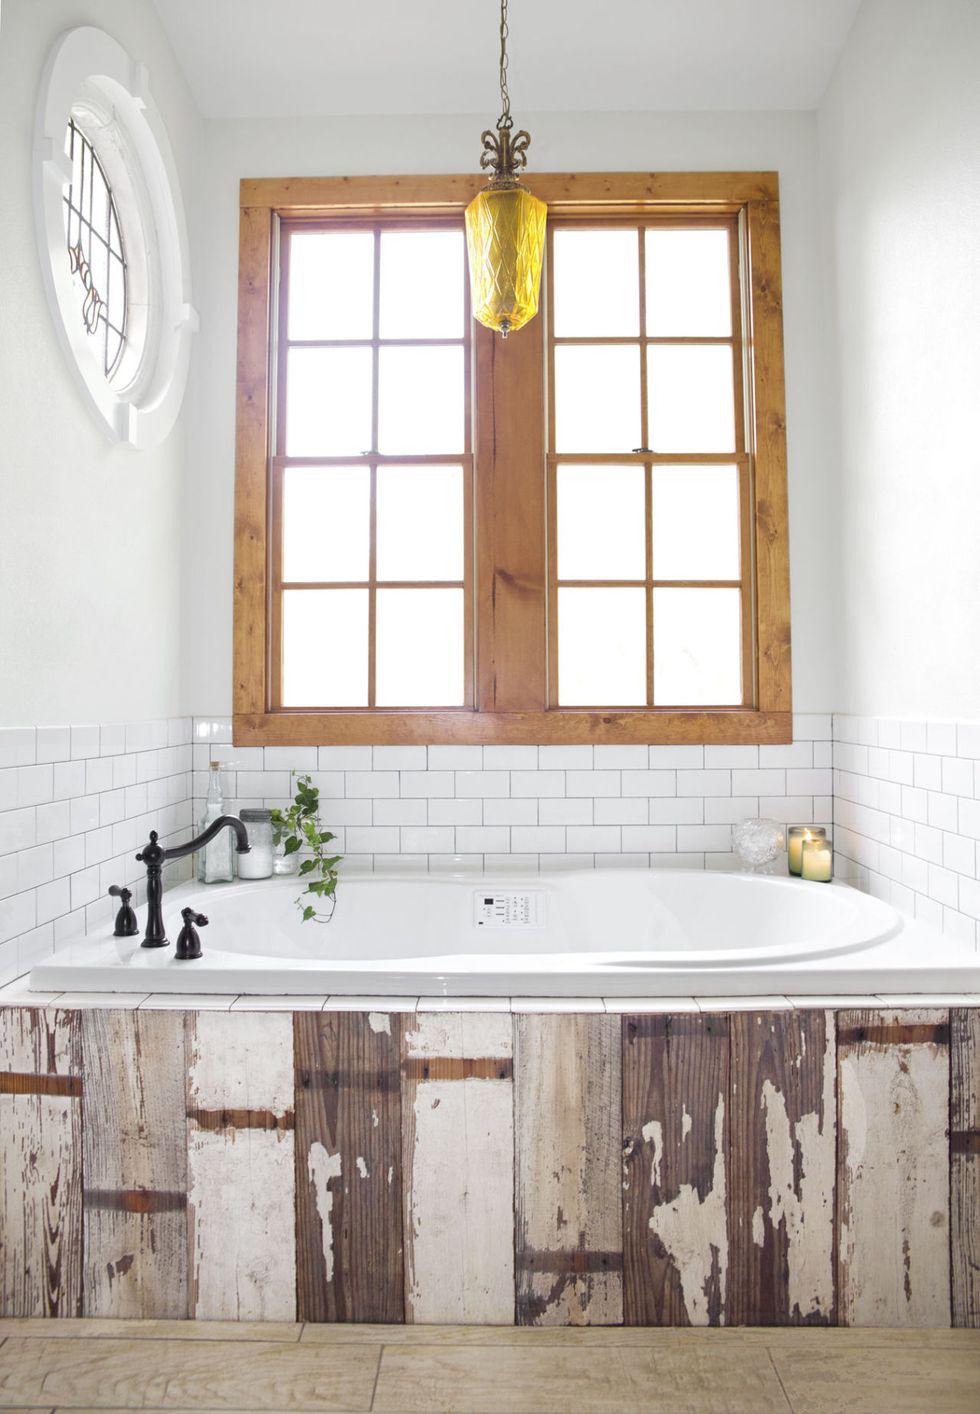 Gallery 1487971117 Junk Gypsy Bathroom 1016 Explore Trending